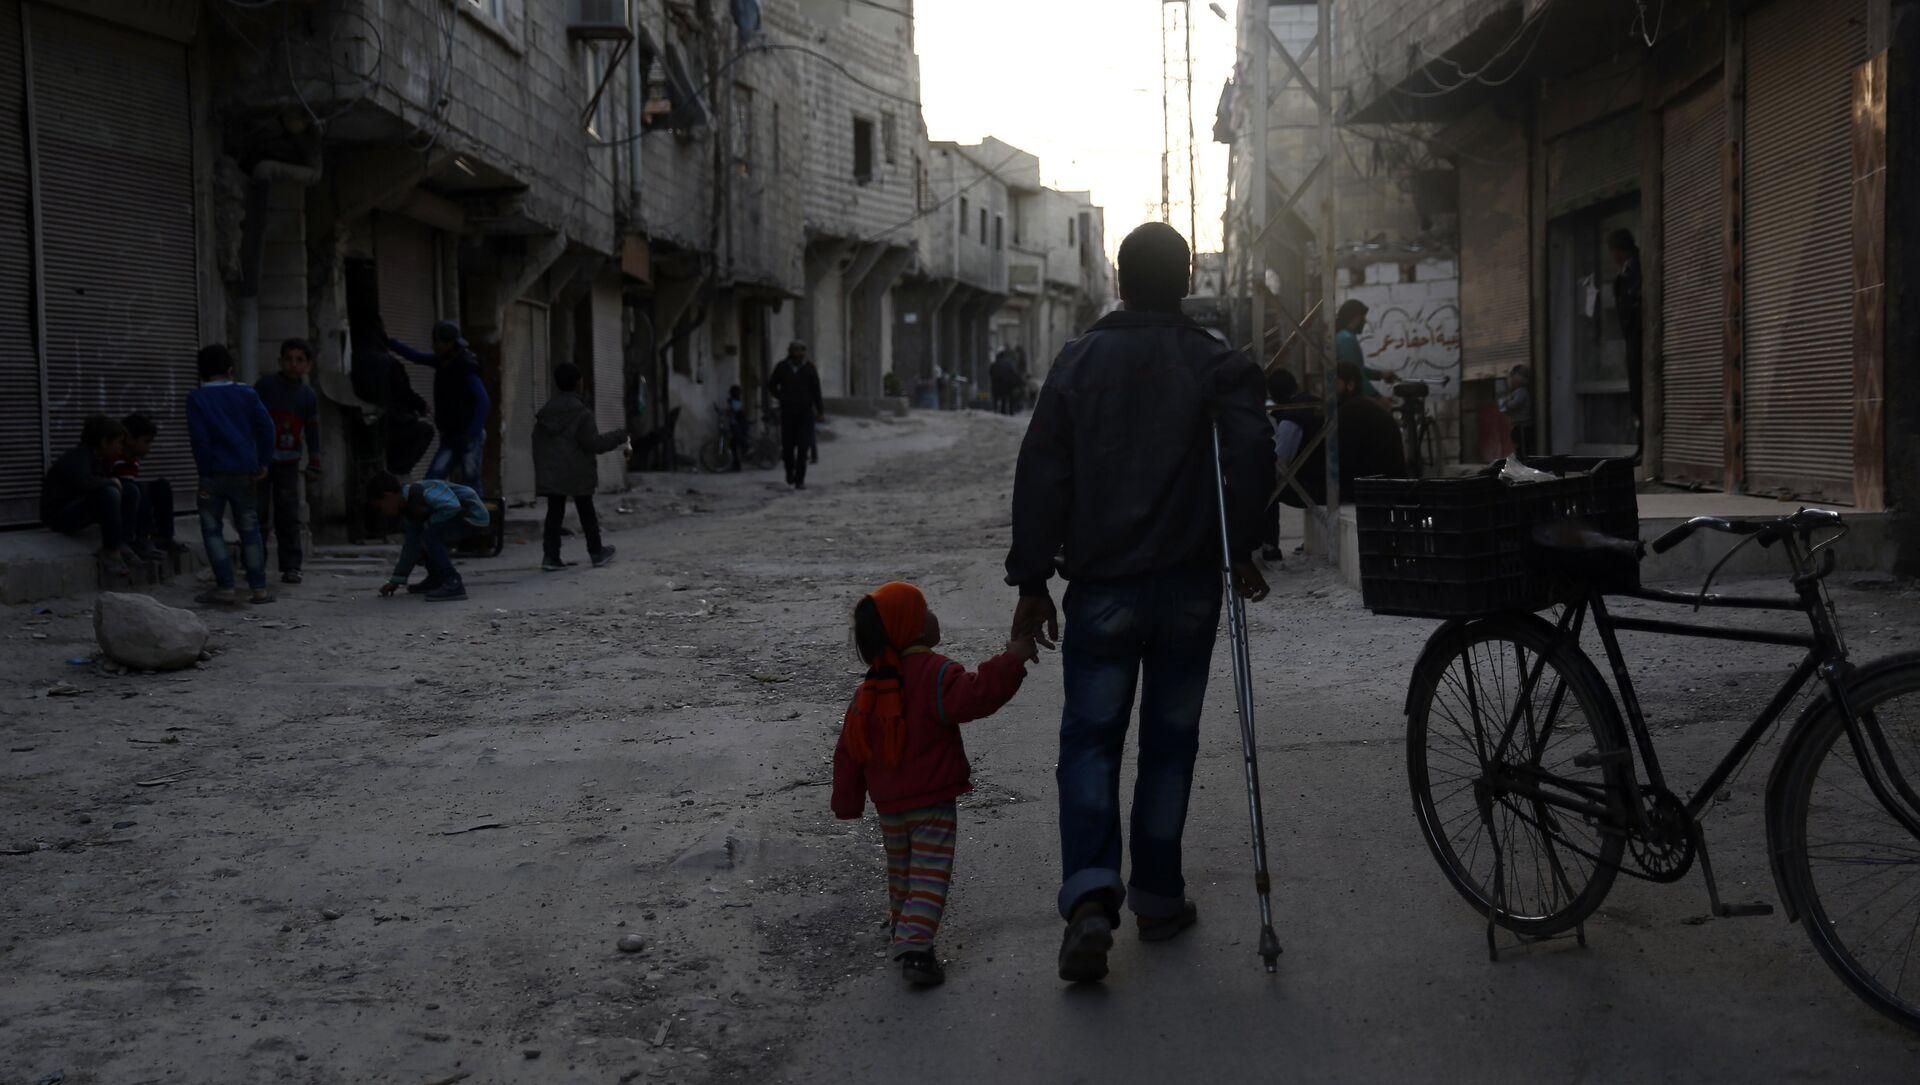 Otac i kćerka šetaju u Barzi, severnom predgrađu Damaska - Sputnik Srbija, 1920, 04.02.2021